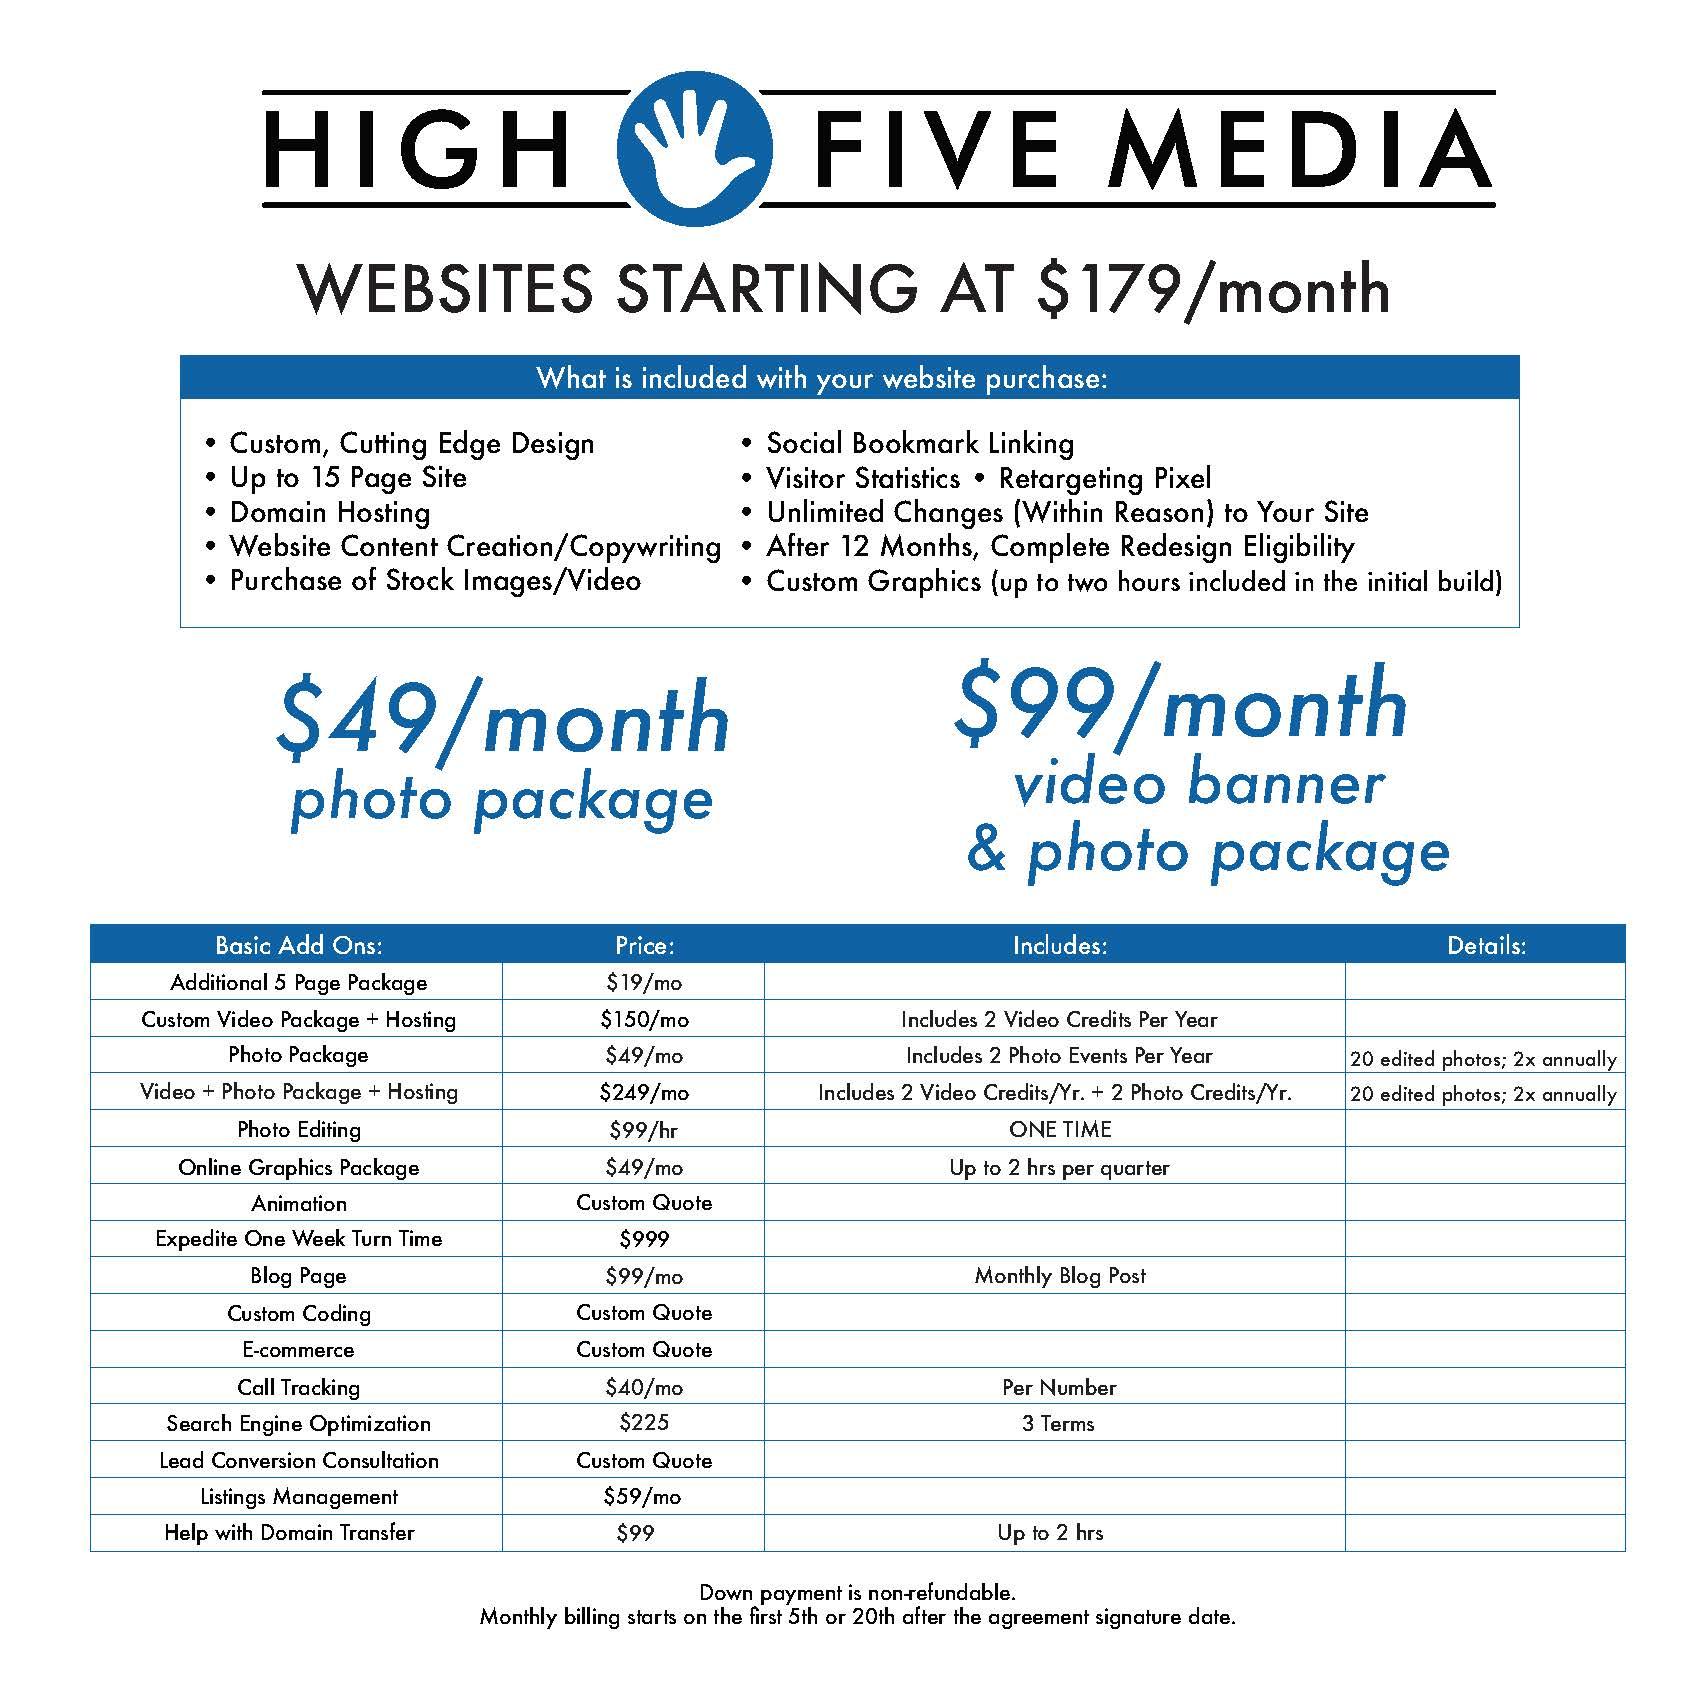 H5+Website+Pricing.jpg